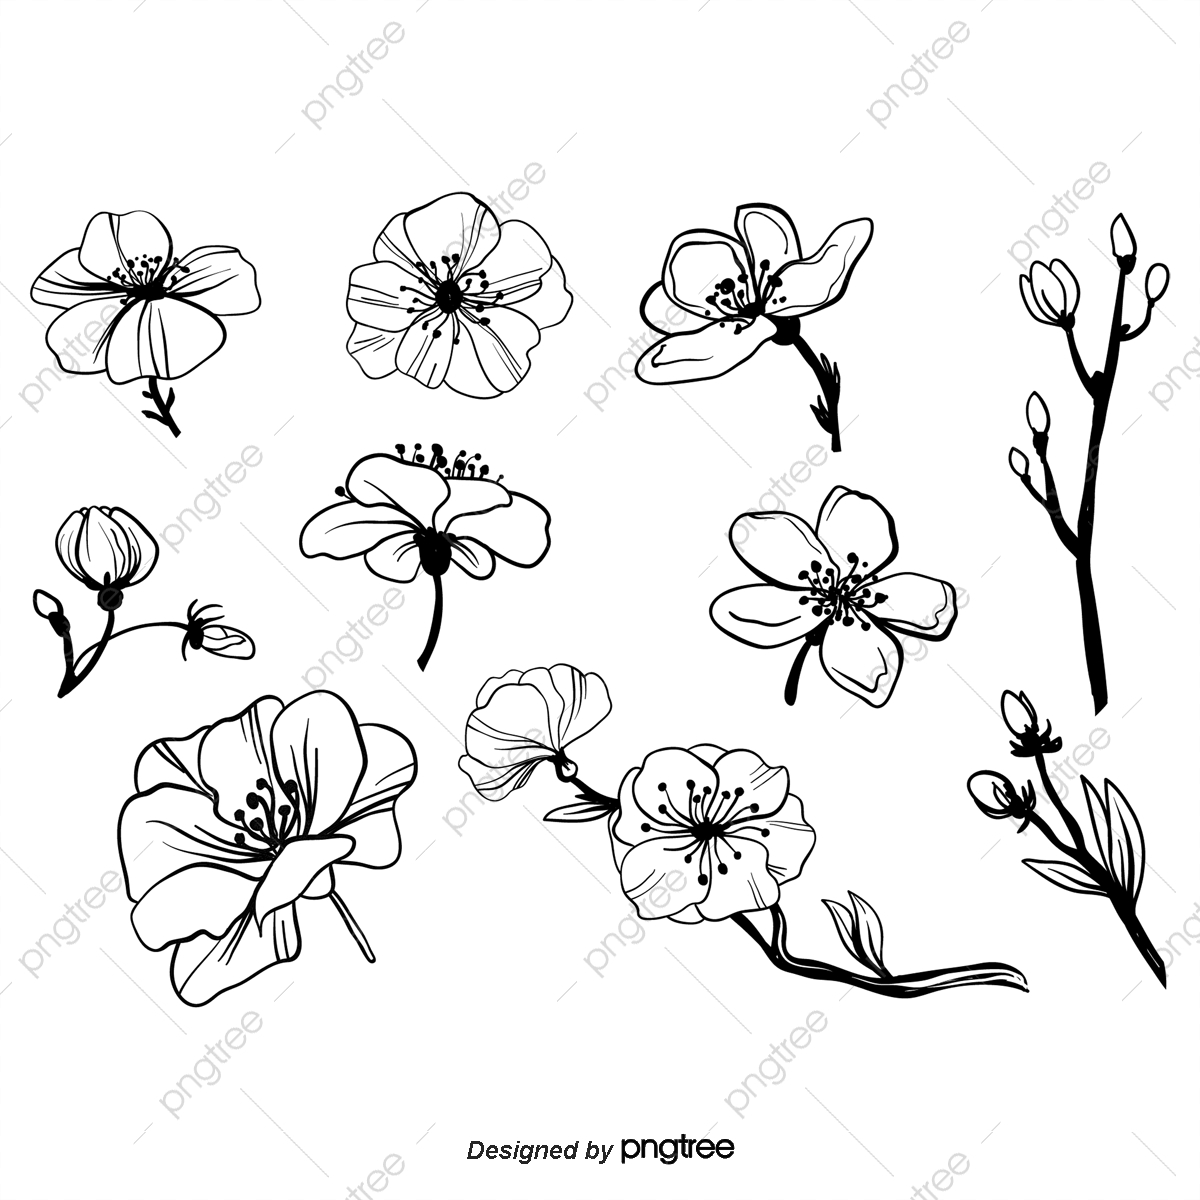 Pintura Decorativa Flores Preto E Branco Desenho De Linhas